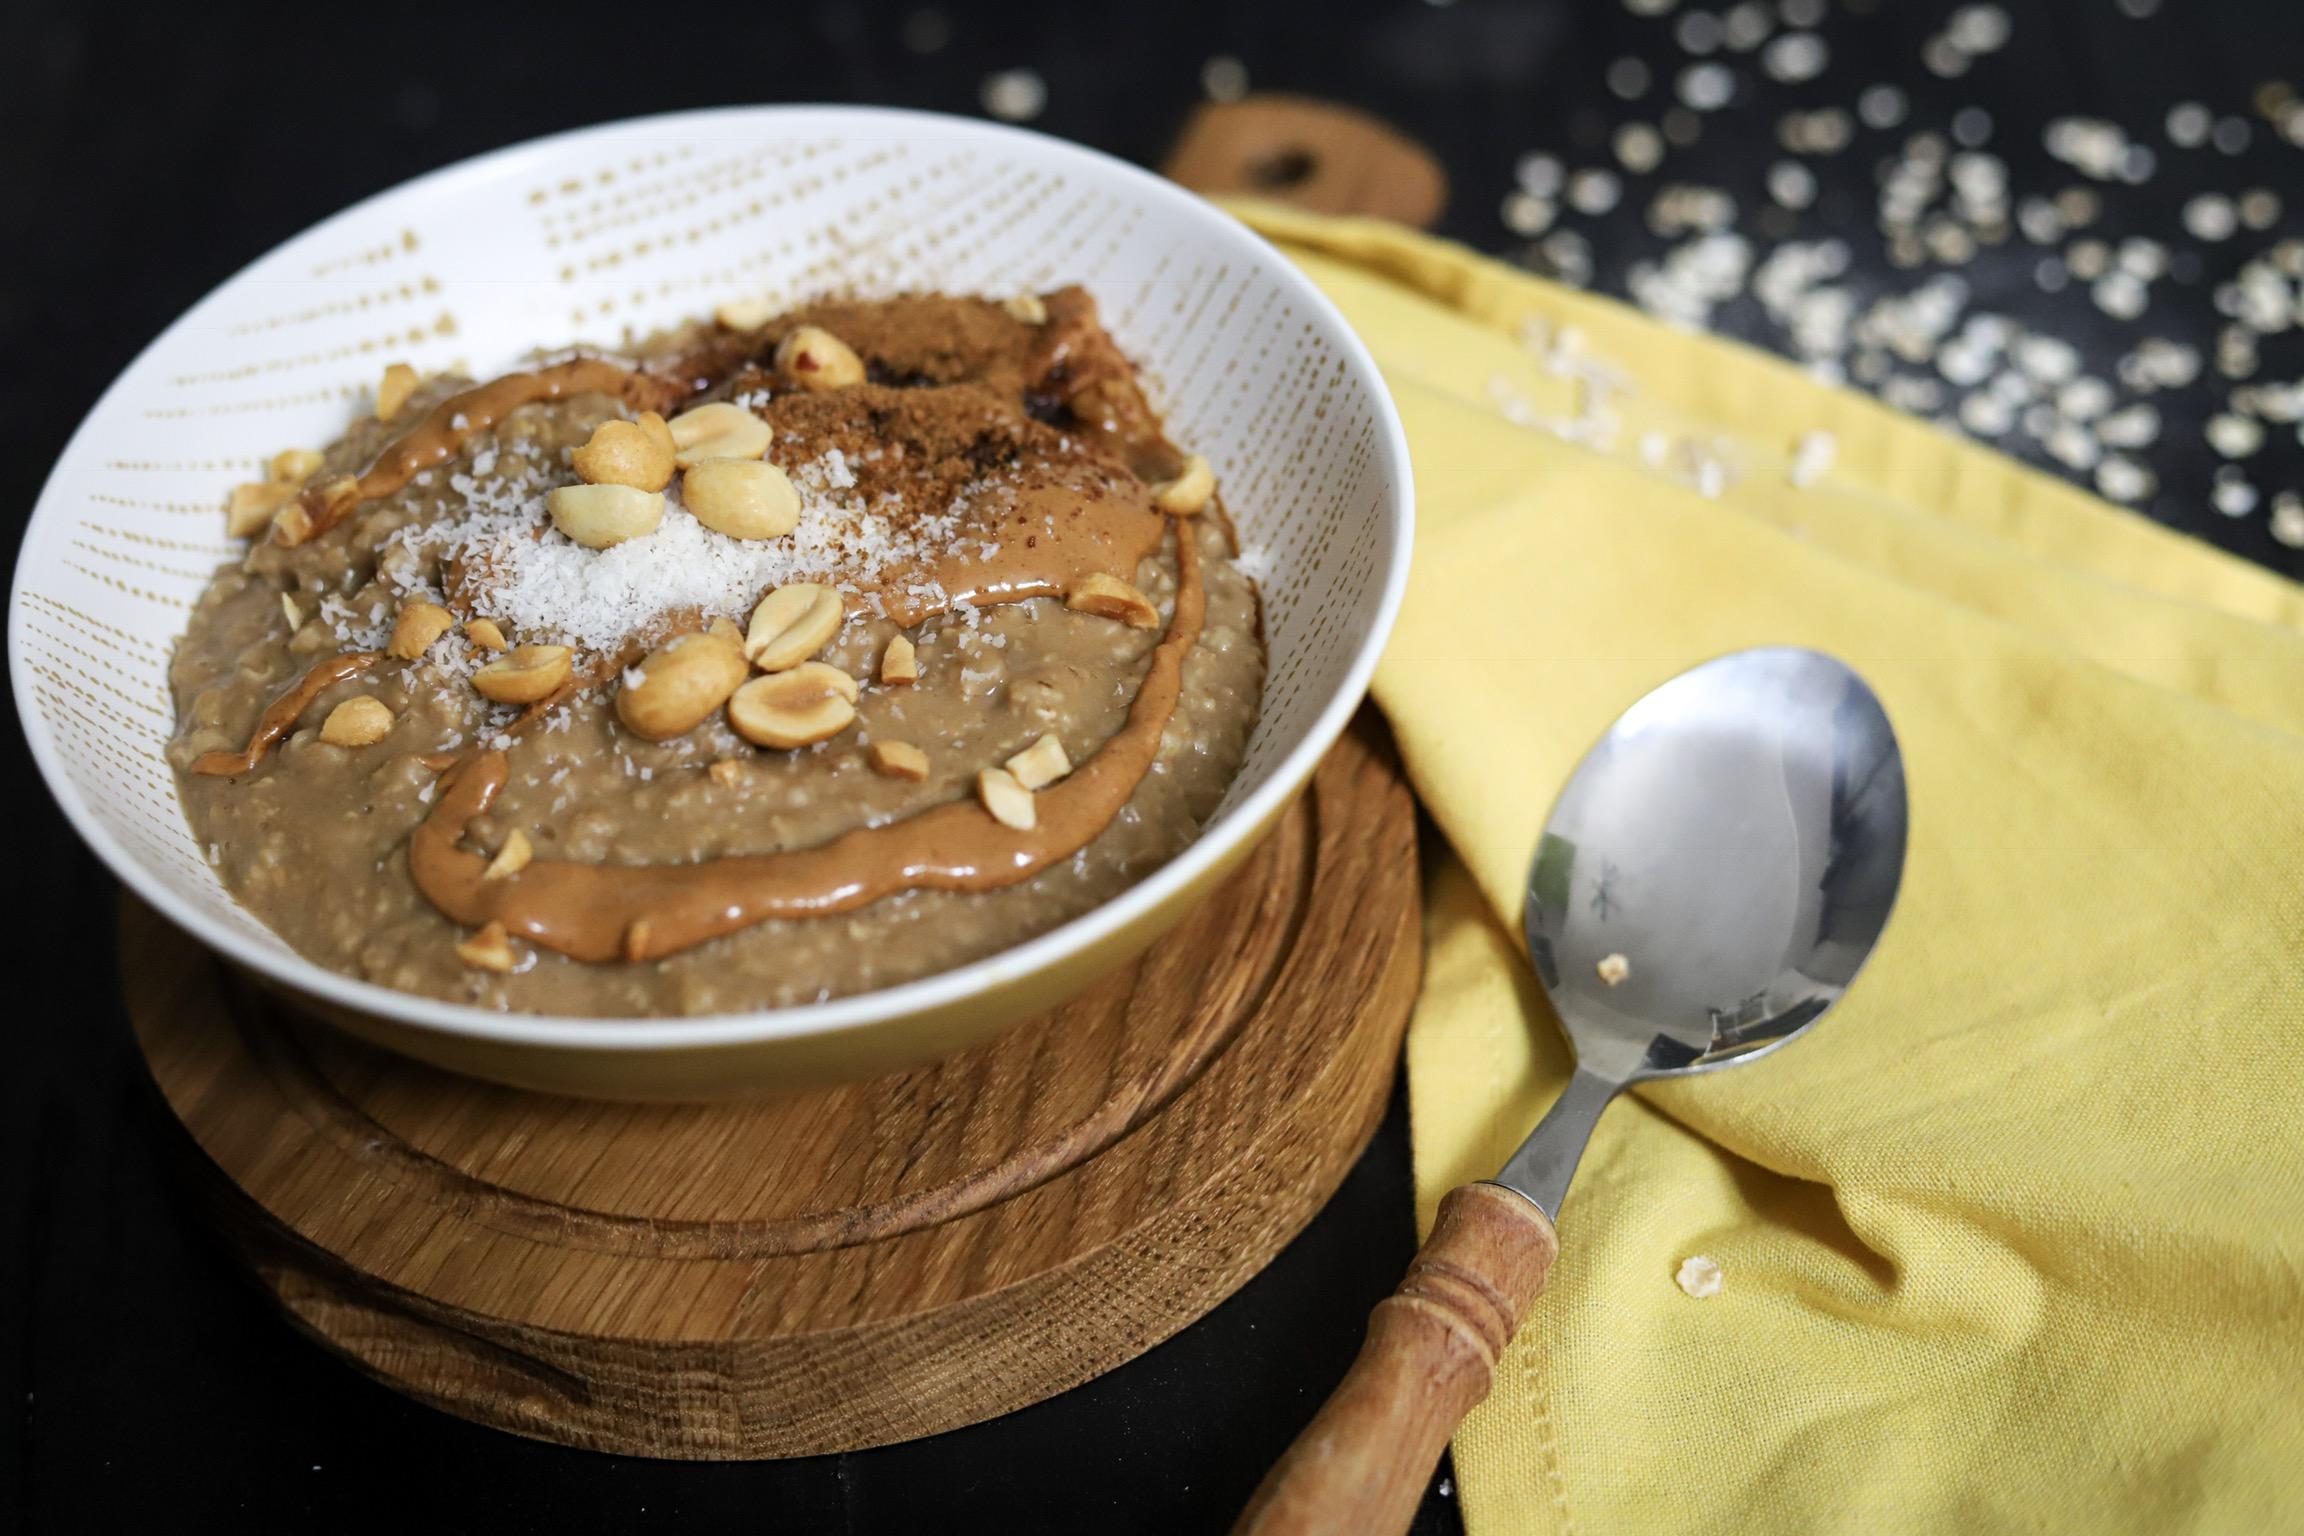 Romige koffie havermout met pindakaas en kokos